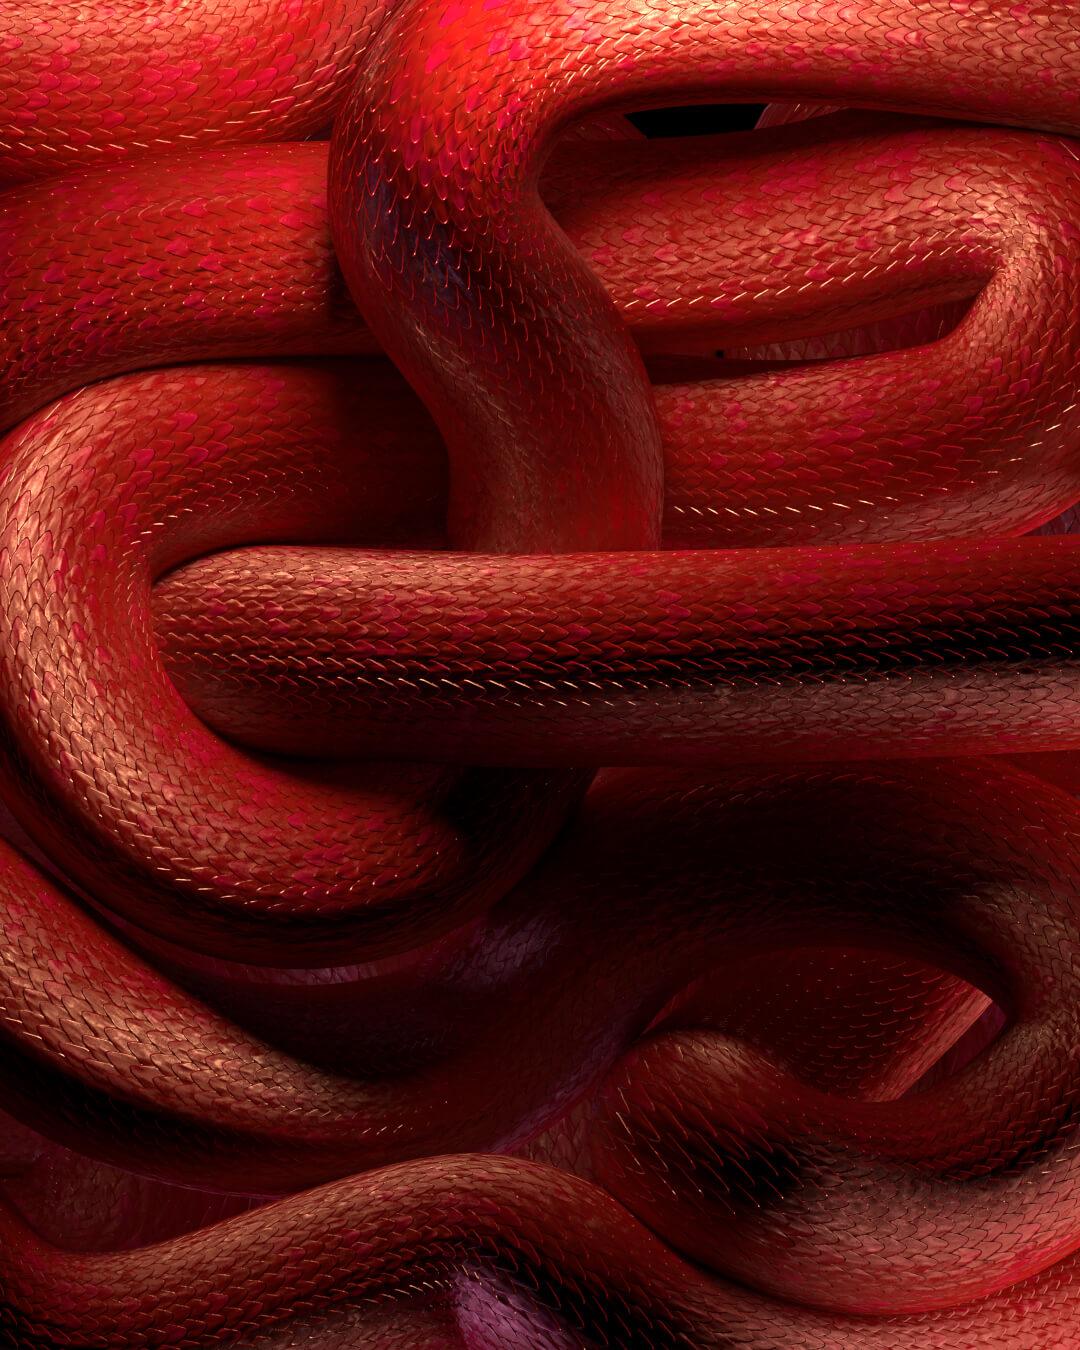 ETR_Snake_04232020_v01_Alt_0000-0-00-00-00